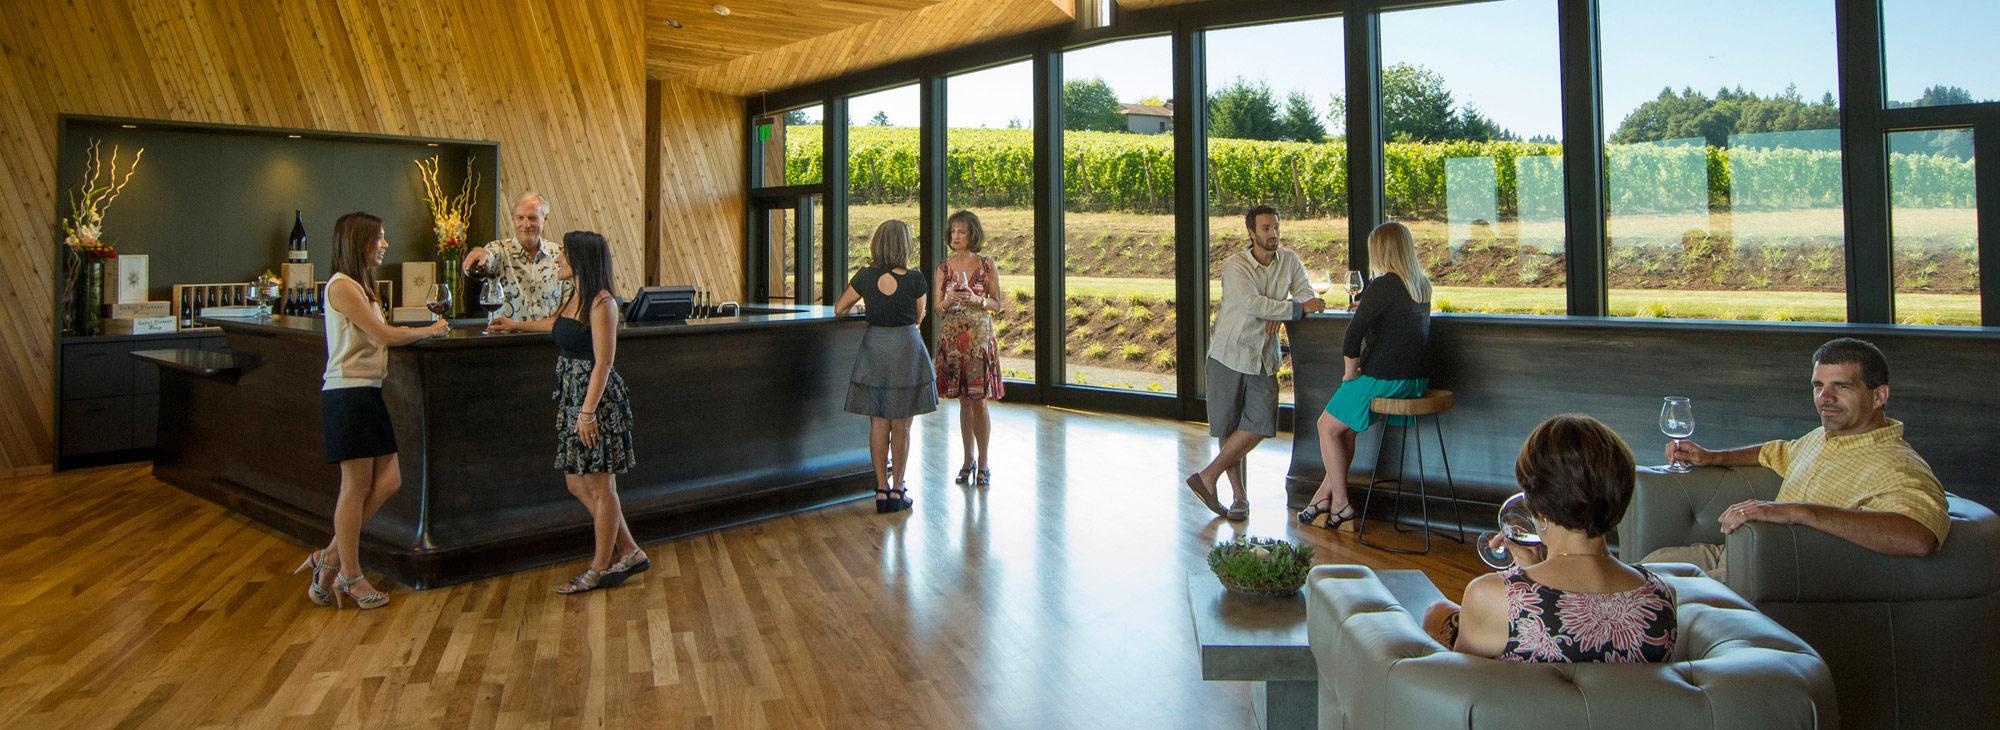 wine tasting in a clean, modern tasting room.